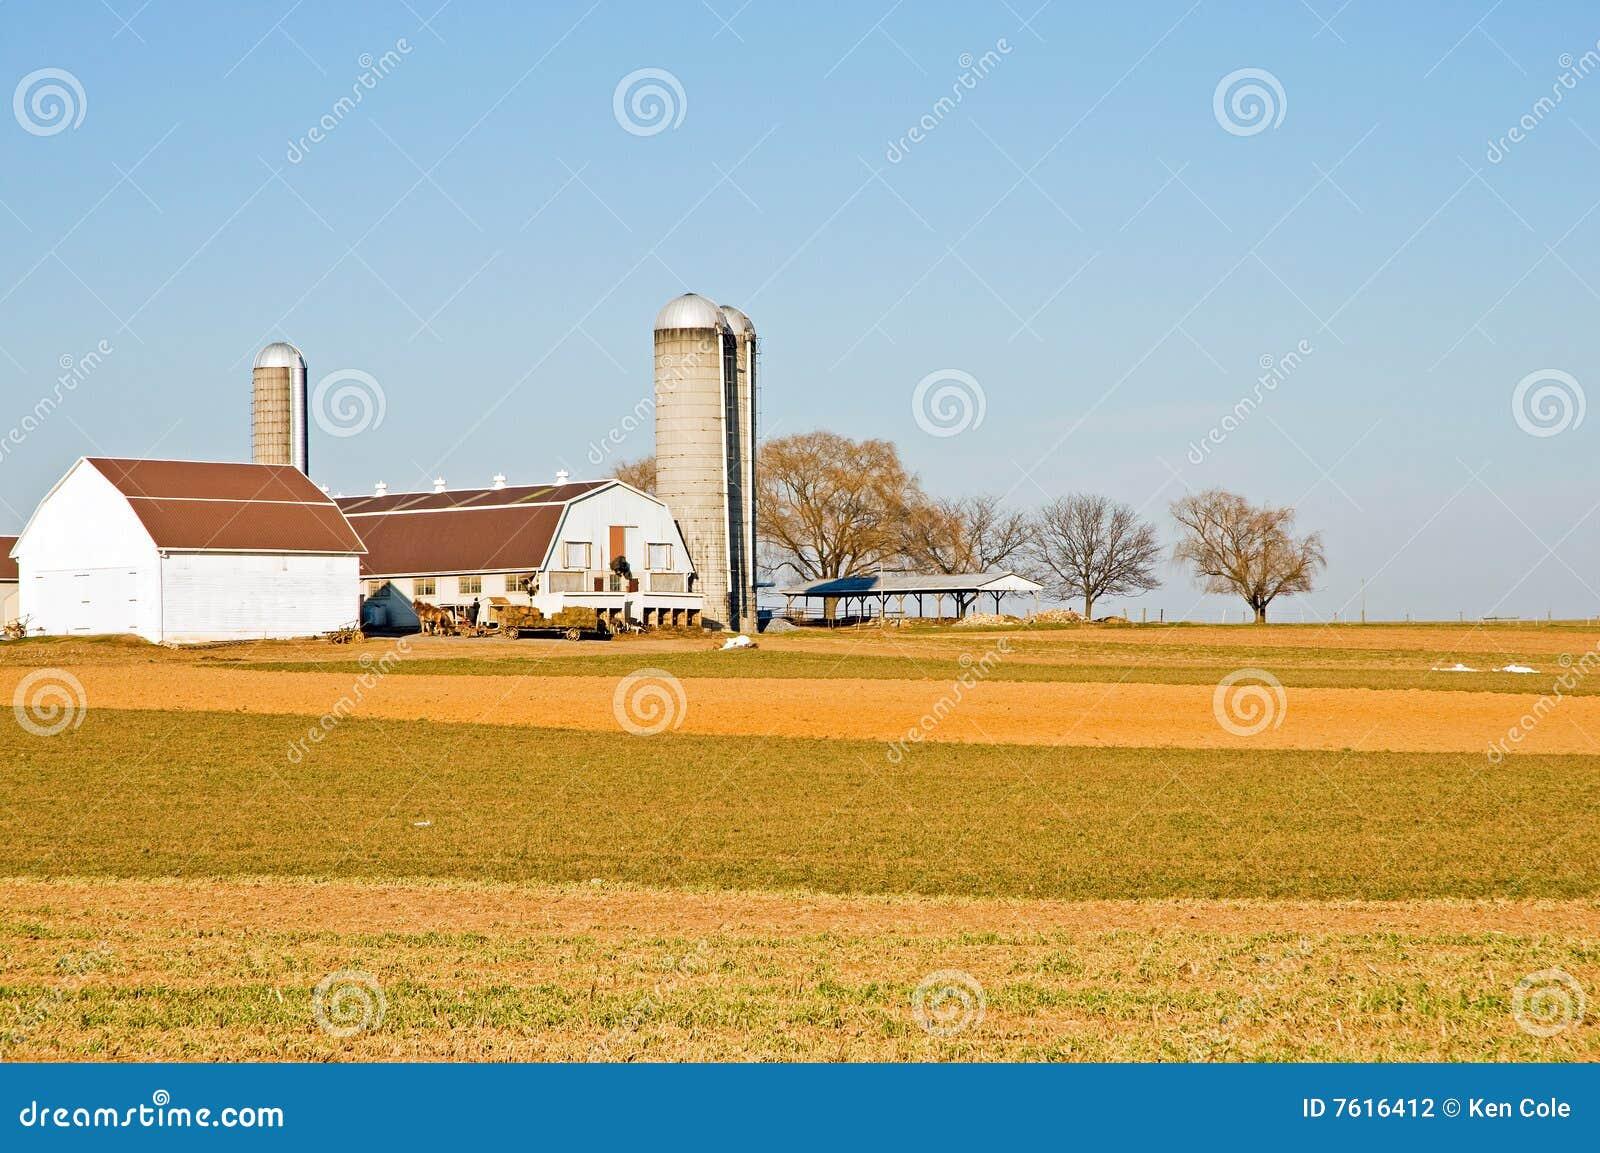 门诺派中的严紧派的谷仓种田筒仓